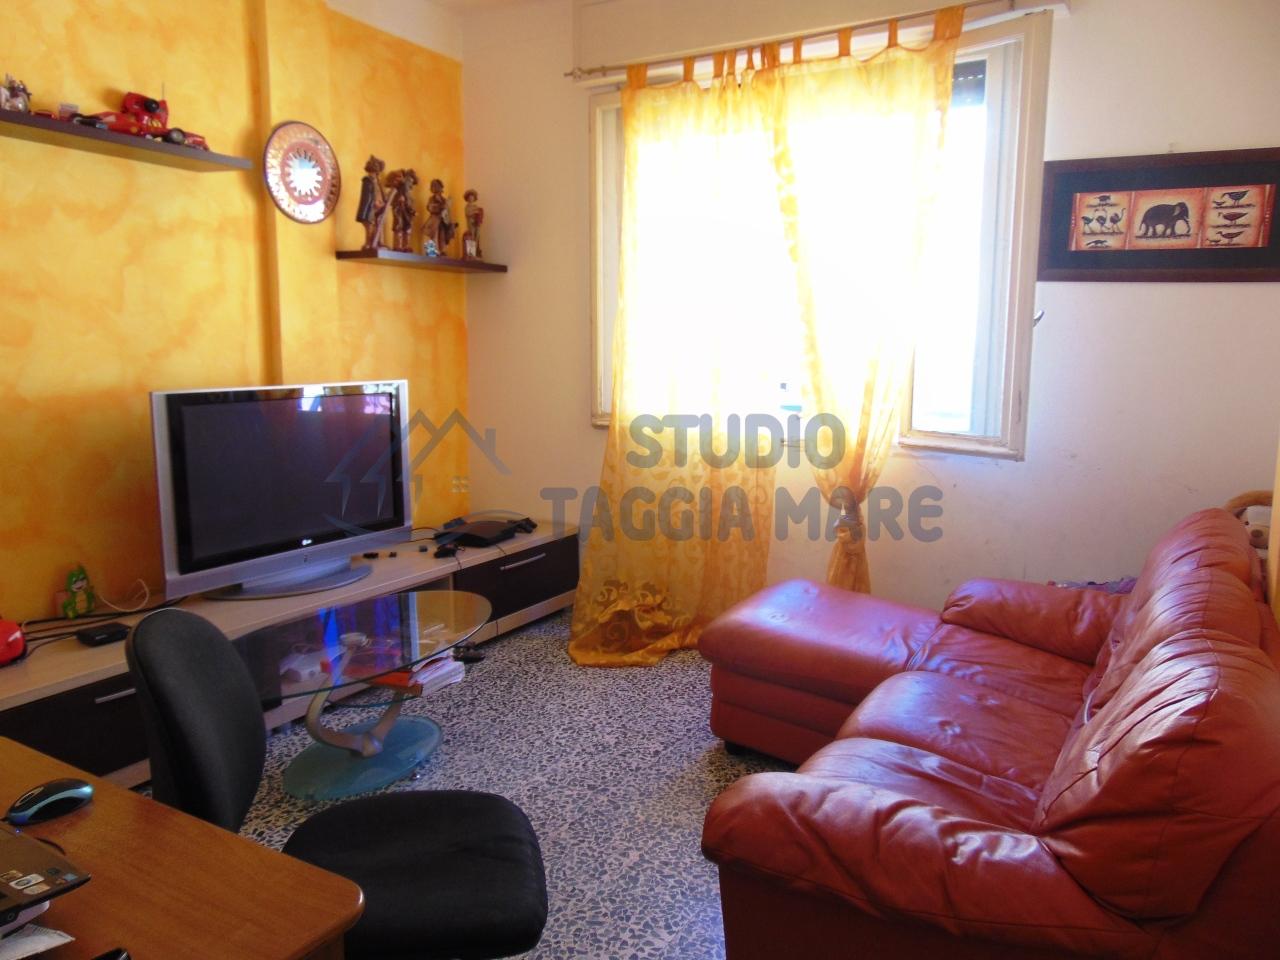 Appartamento in vendita a Taggia, 4 locali, prezzo € 195.000   CambioCasa.it